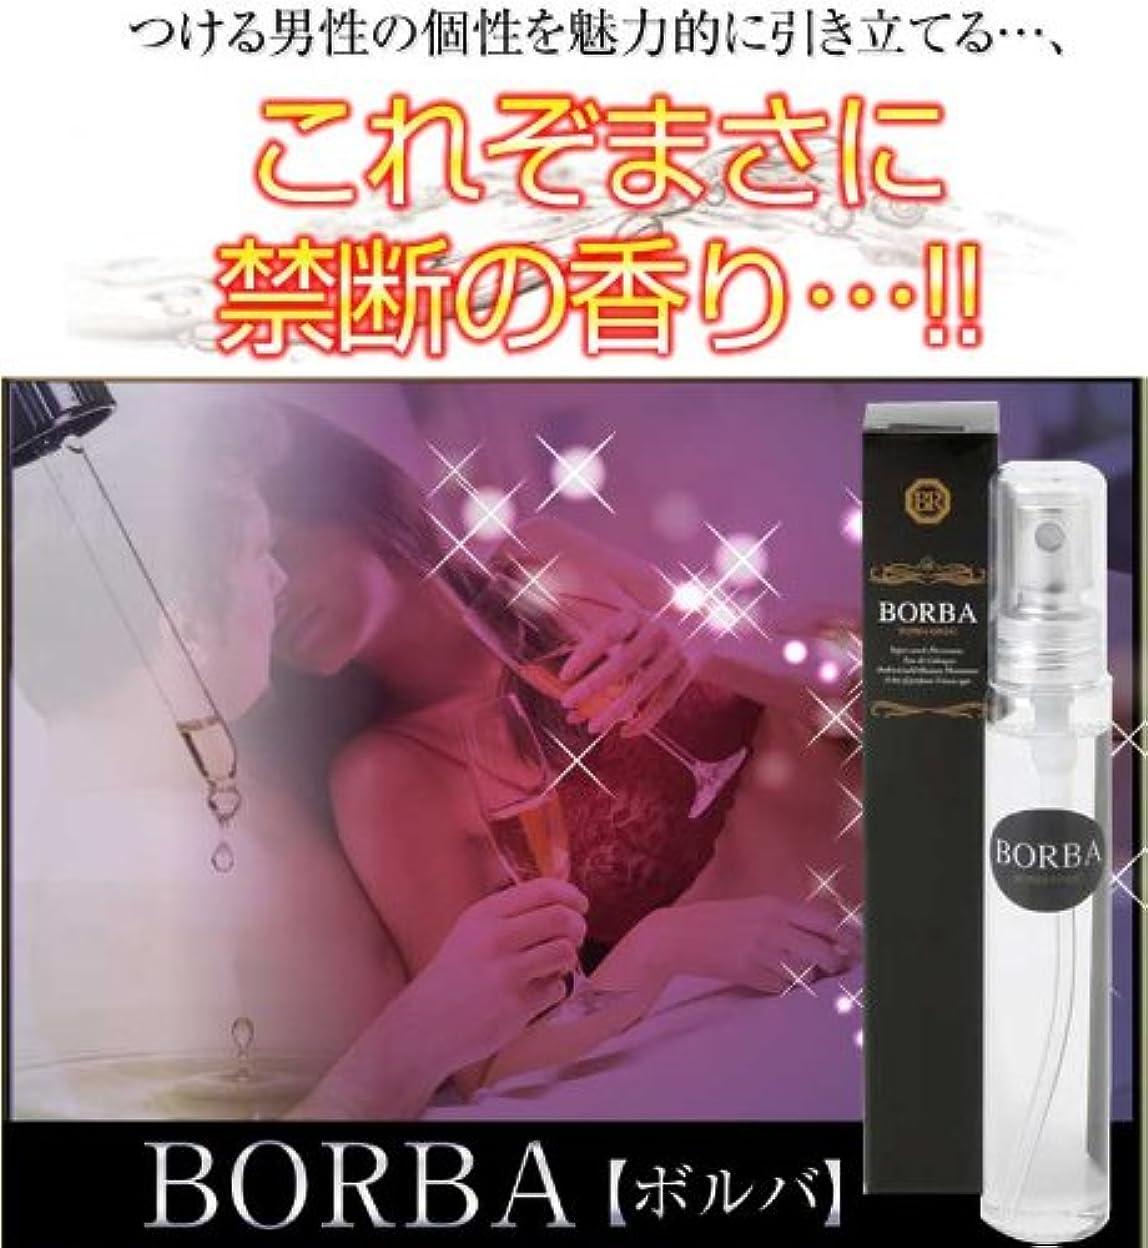 折り目特徴ナチュラルBORBA ボルバ(男性用フェロモン香水)